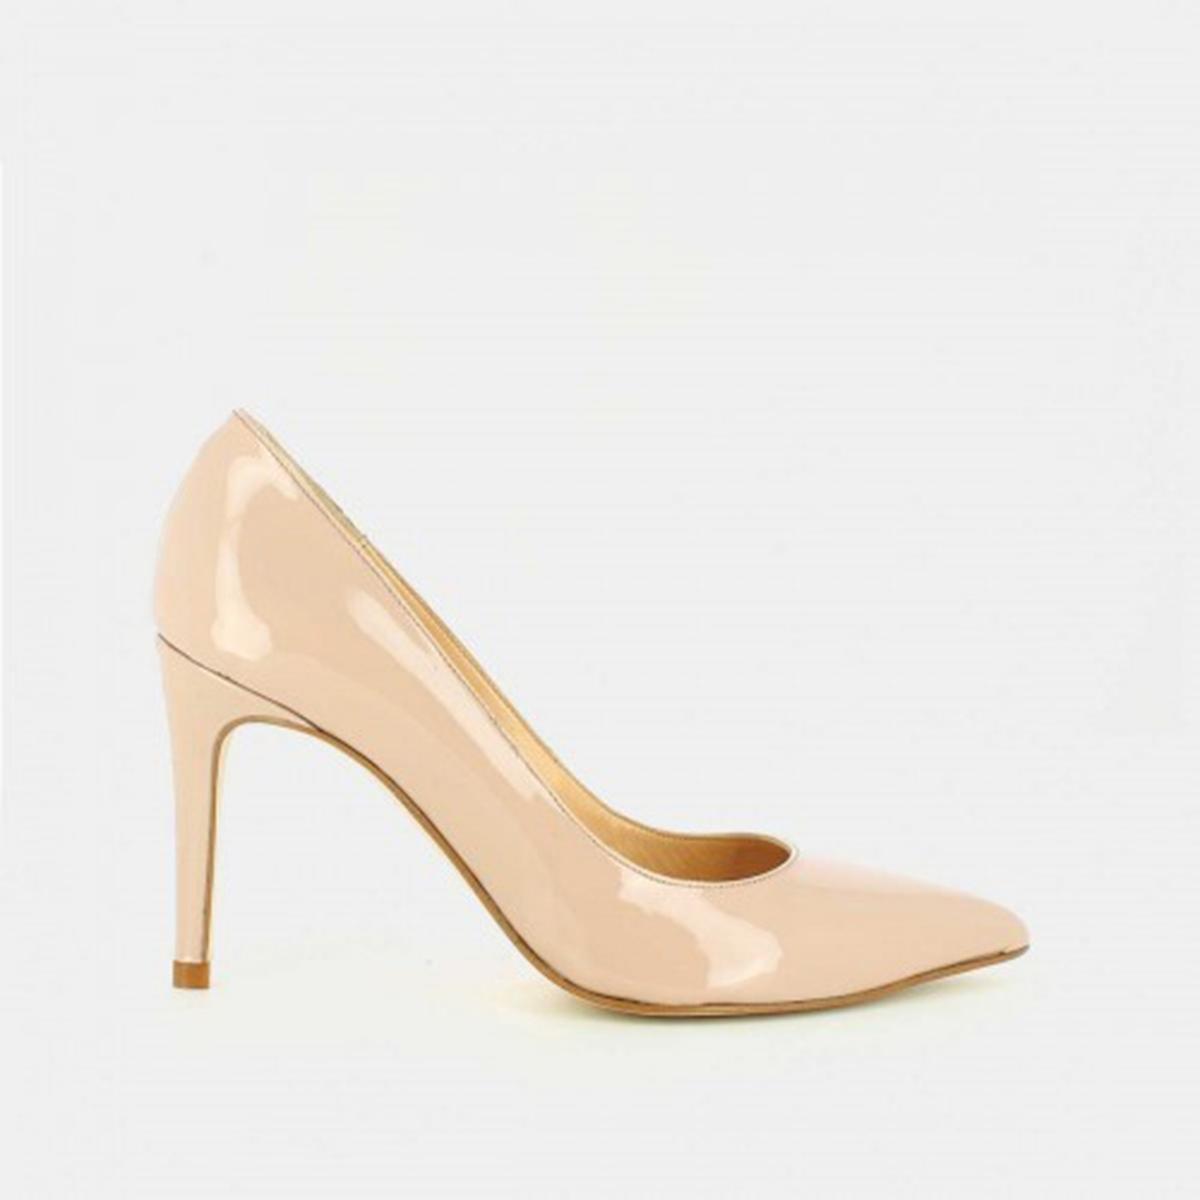 Туфли кожаные лакированные AlaricВерх : Кожа.   Подкладка : Кожа.   Стелька : Кожа.   Подошва : эластомер   Высота каблука : 8 см   Форма каблука : шпилька   Мысок : заостренный мысок     Застежка : без застежки<br><br>Цвет: бежевый лак<br>Размер: 40.37